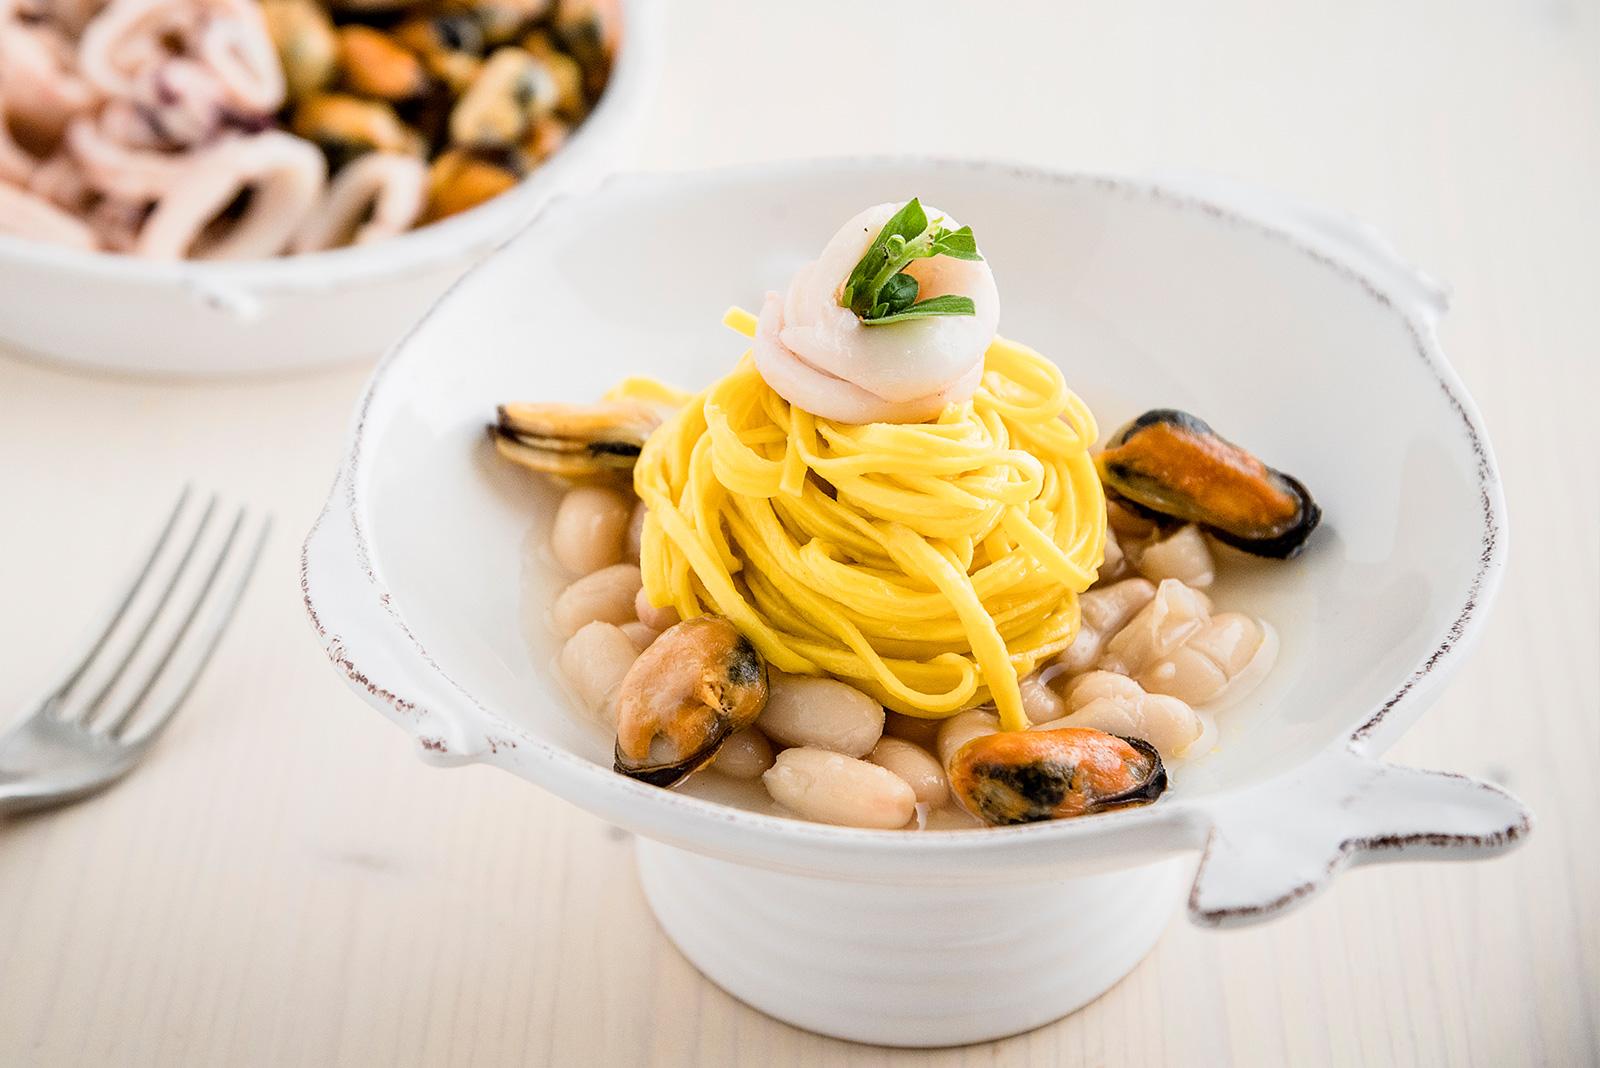 Ricetta Pasta Senza Glutine Tagliolini Cozze, Calamari e Fagioli - Pasta di Venezia